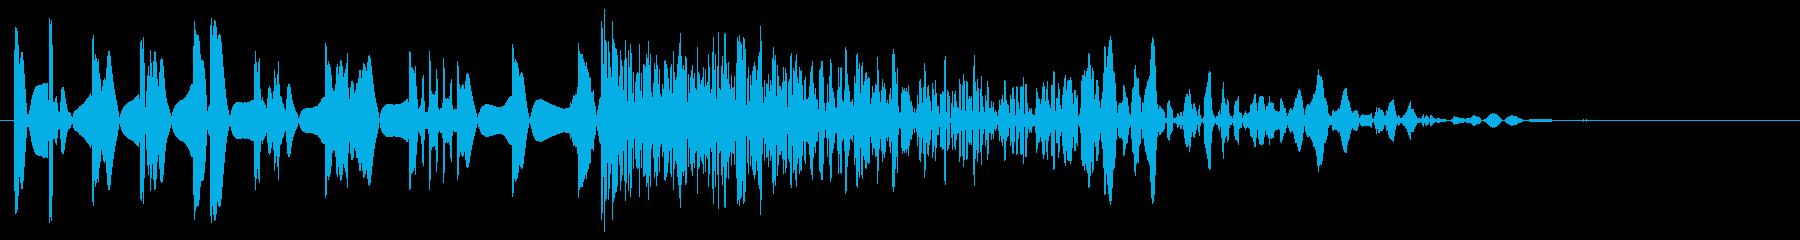 レトロゲーム風 通常攻撃音の再生済みの波形